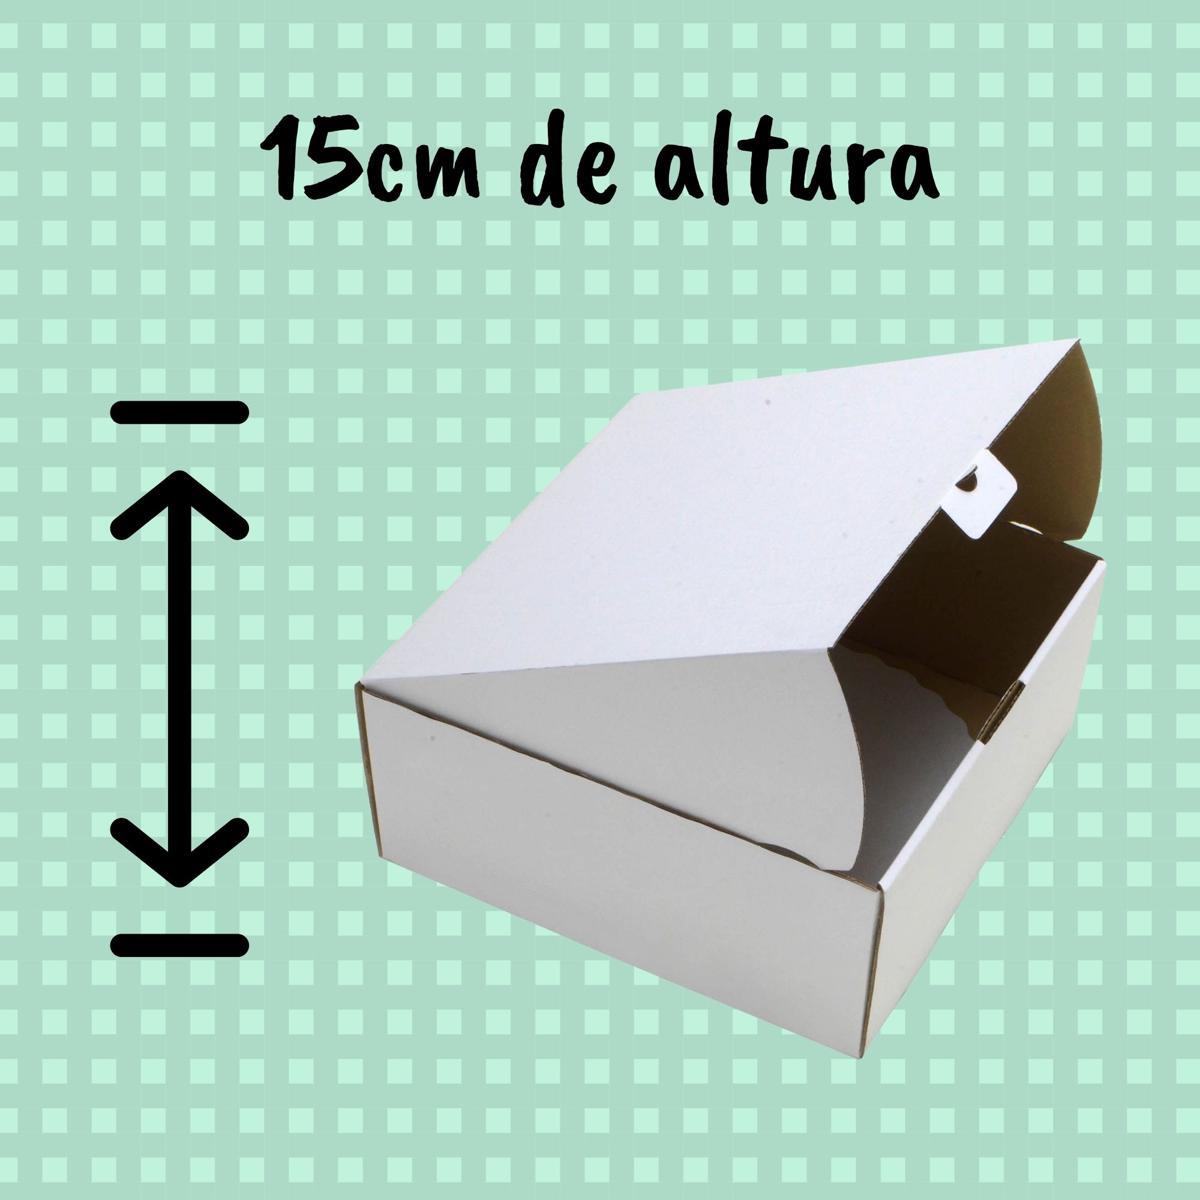 Caixa Para Bolo 35x35x15cm - Pacote com 25 unidades